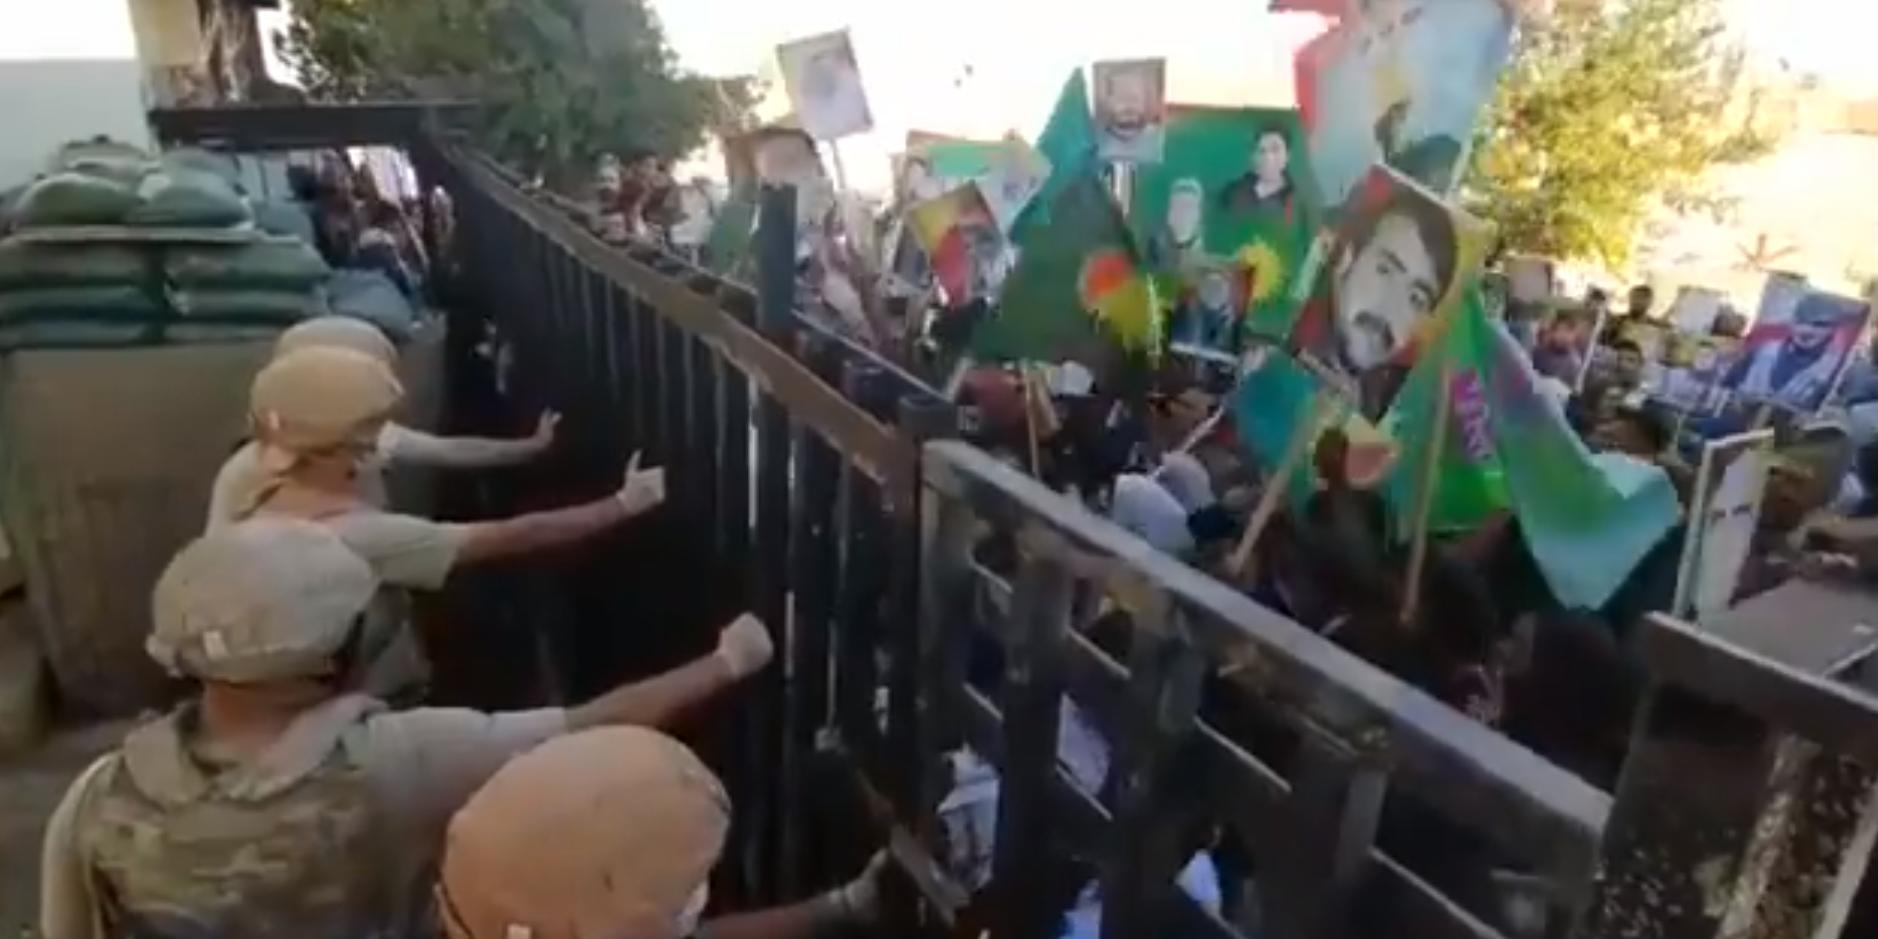 Сирийские курды устроили митинг у российской базы, требуя от Москвы разобраться с Турцией